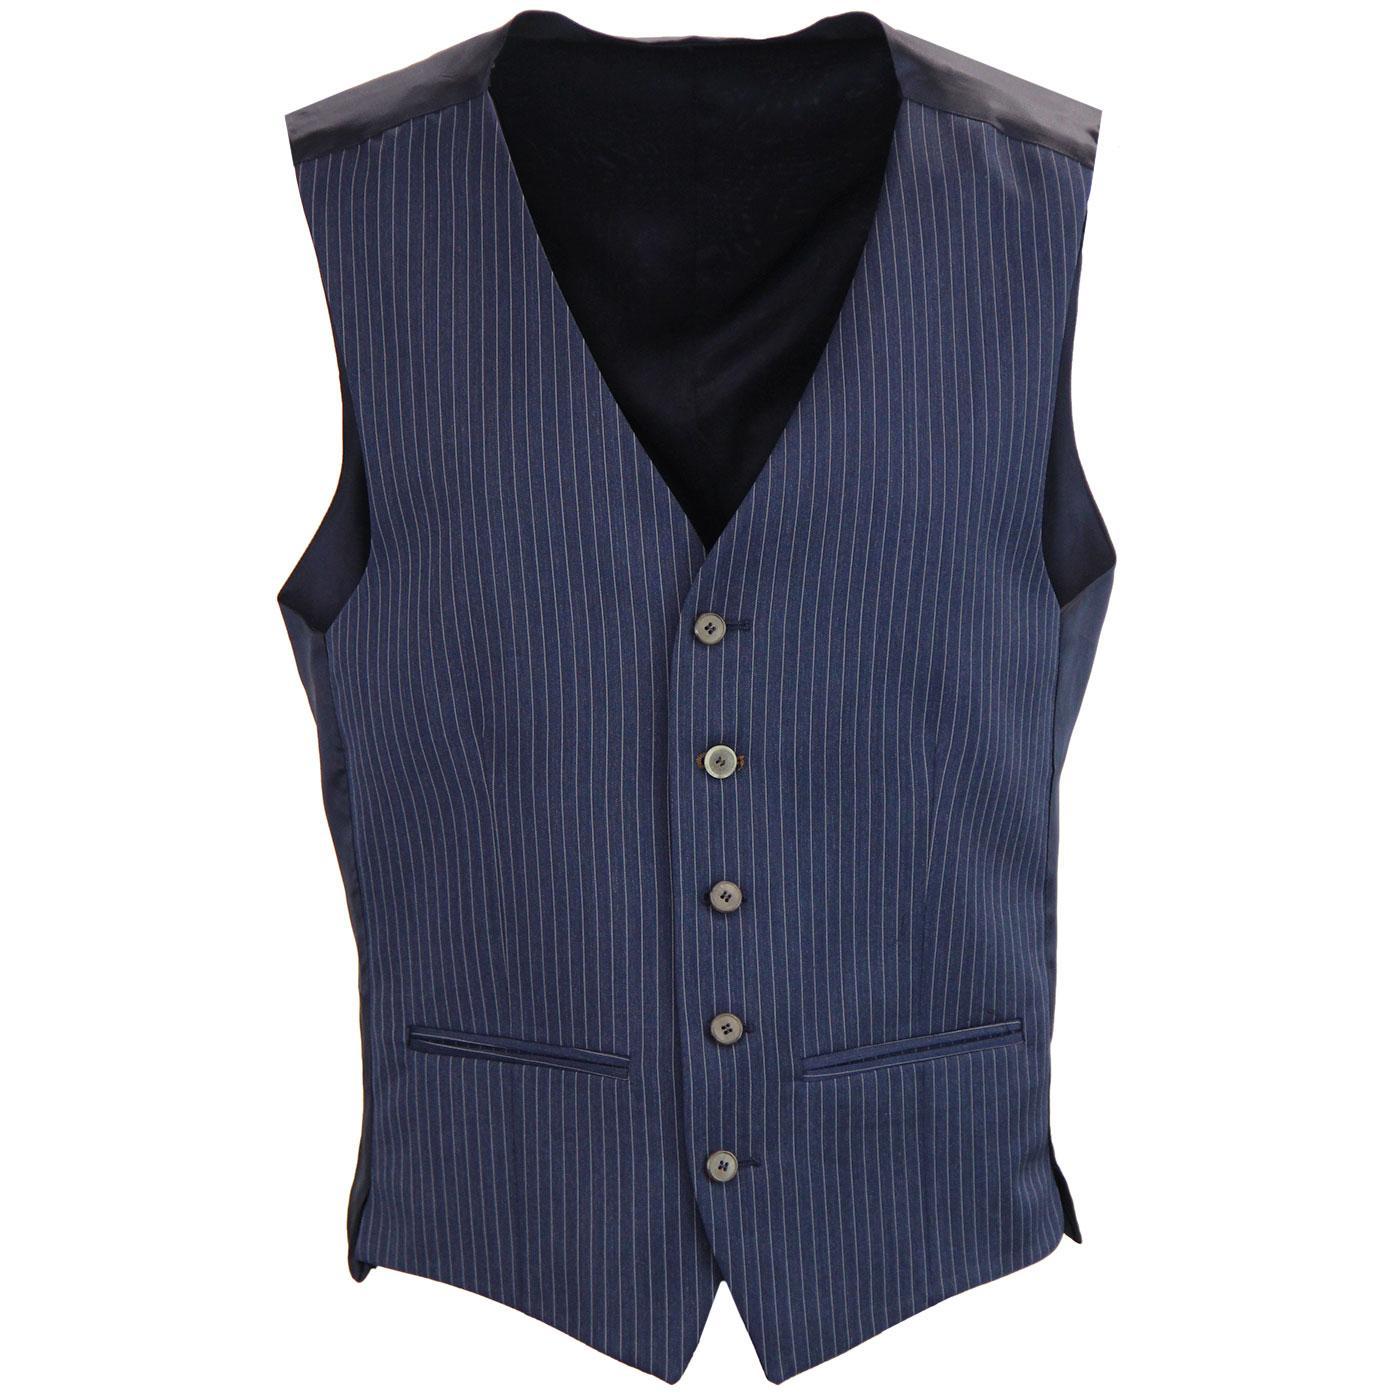 Men's 1960s Mod Tailored Pinstripe Waistcoat NAVY